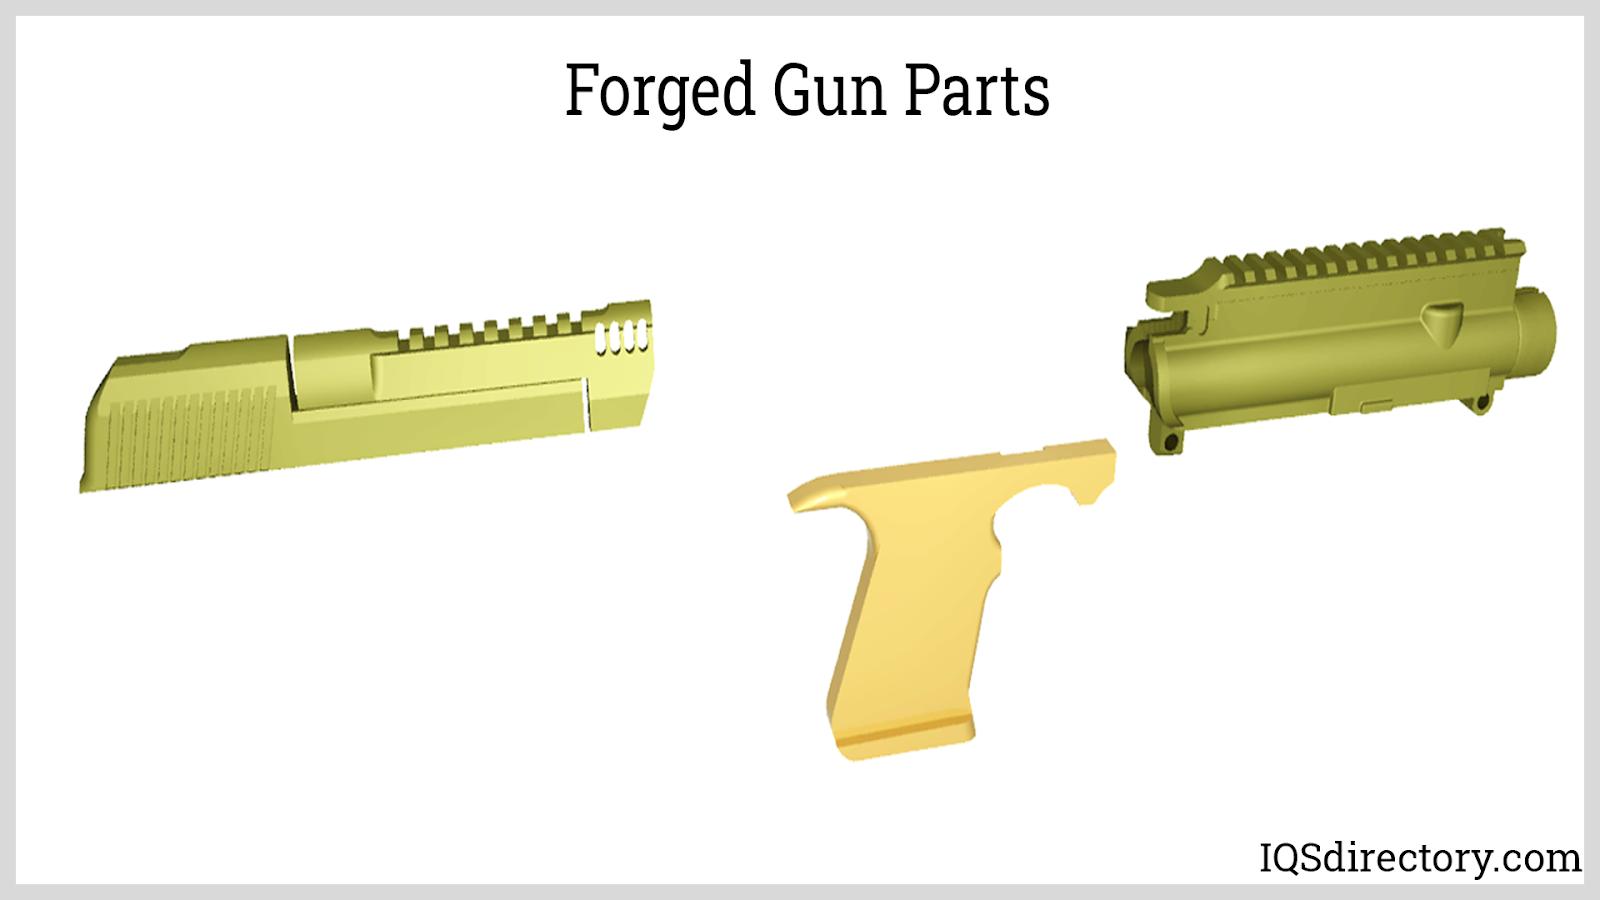 Forged Gun Parts